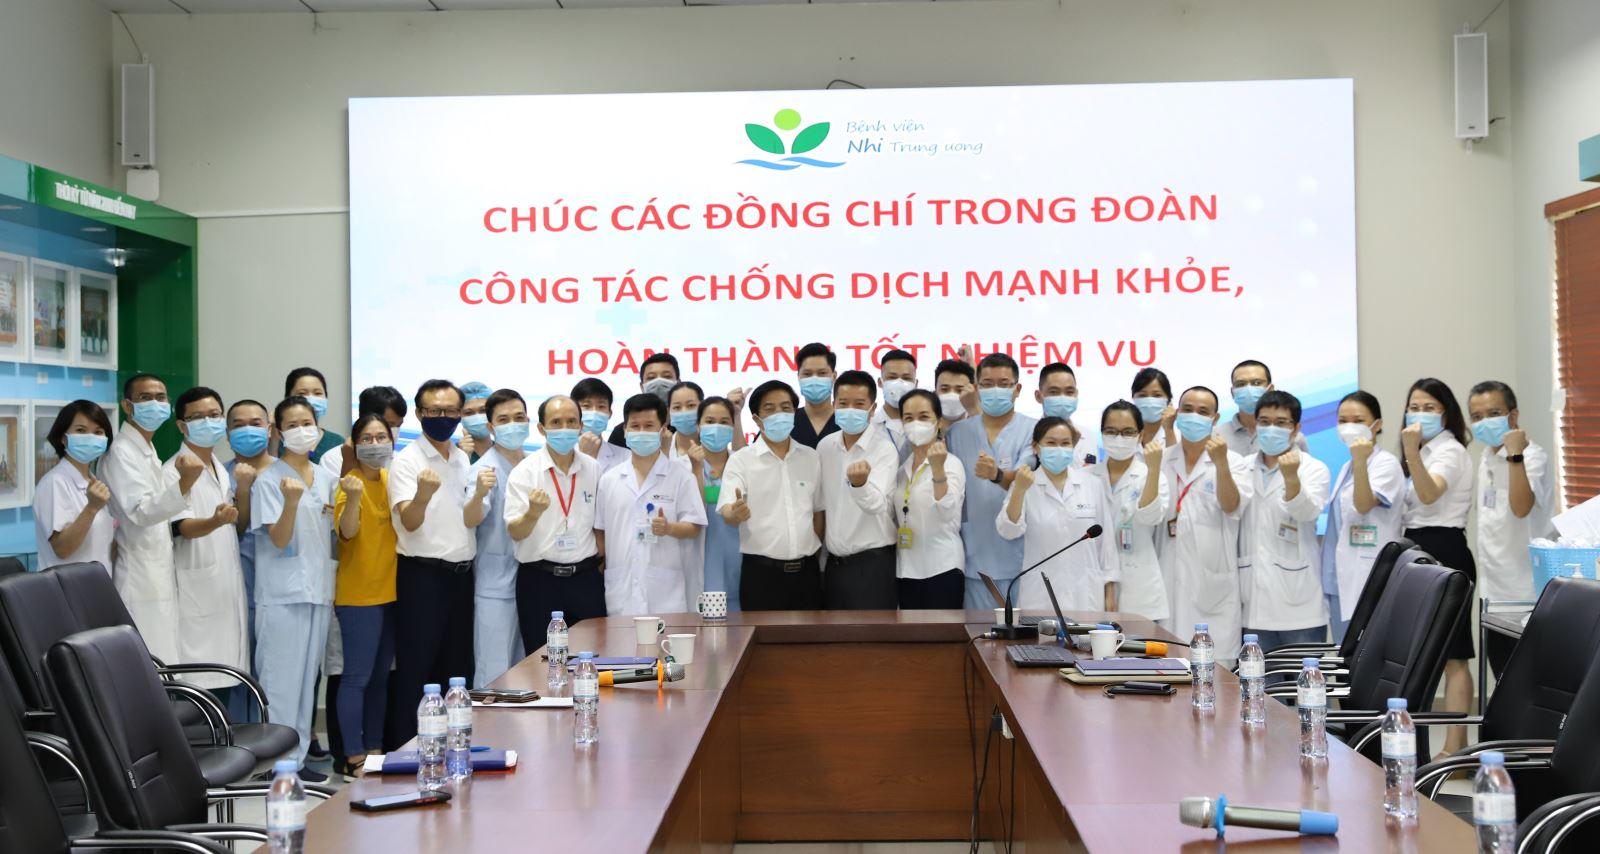 27 chiến sĩ áo trắng tinh nhuệ Bệnh viện Nhi TW chi viện Vĩnh Long và TP. Hồ Chí Minh